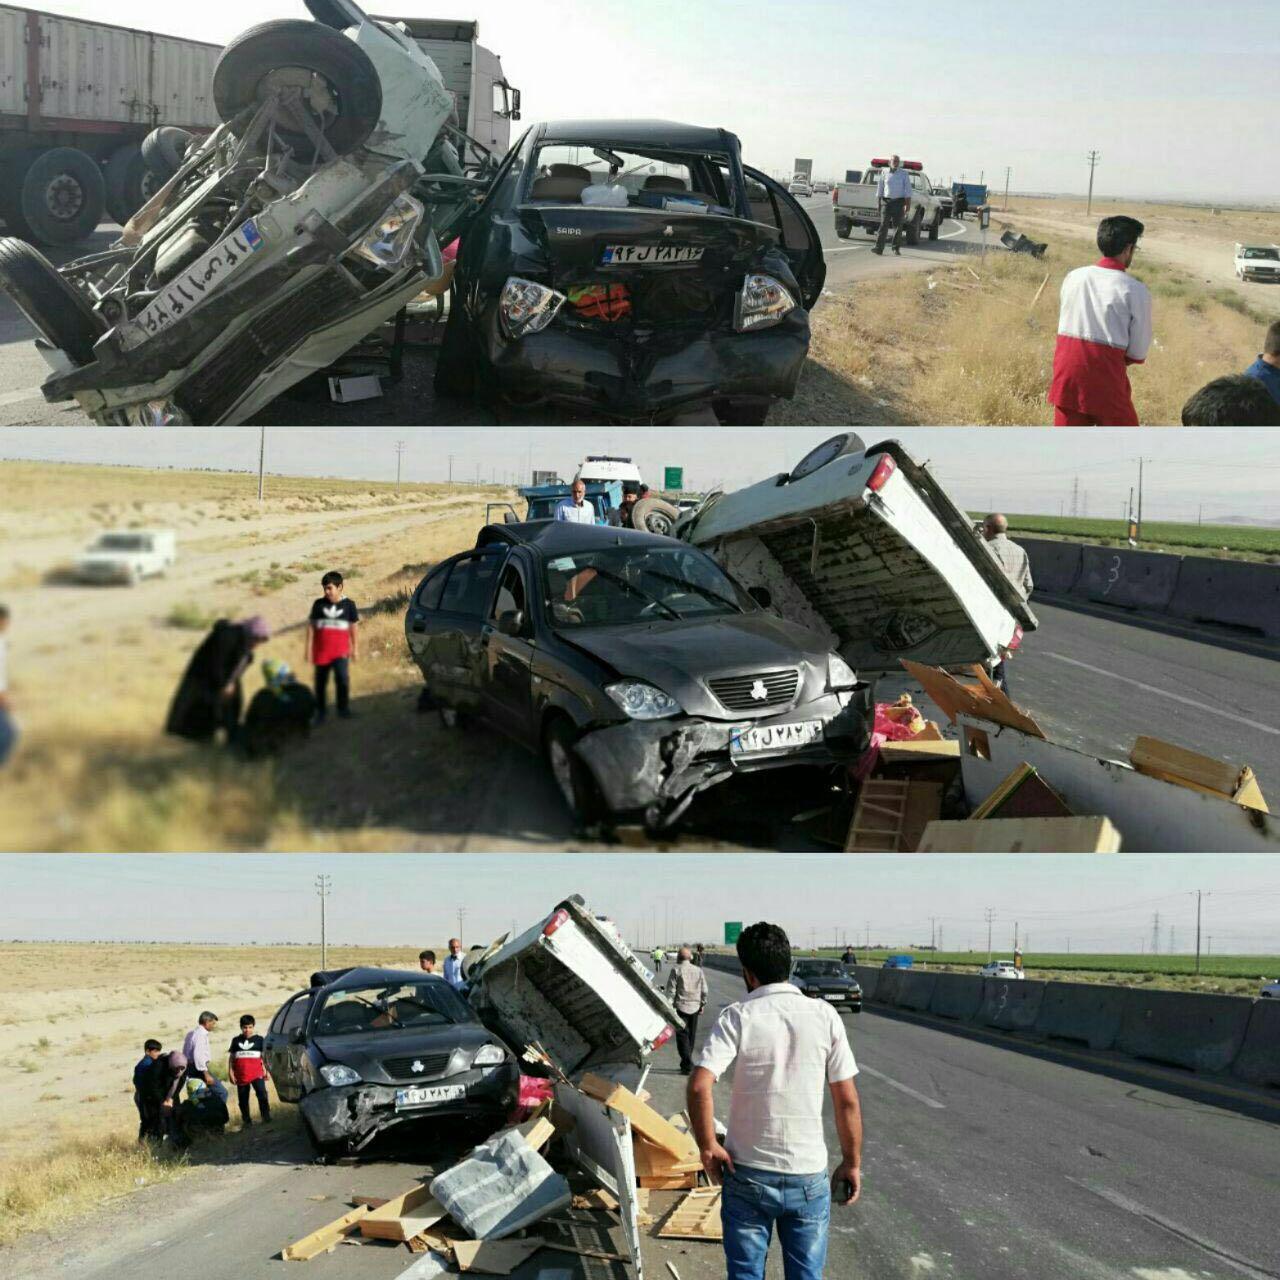 مصدومیت 13 نفر در تصادف زنجیره ای قوچان (+عکس)